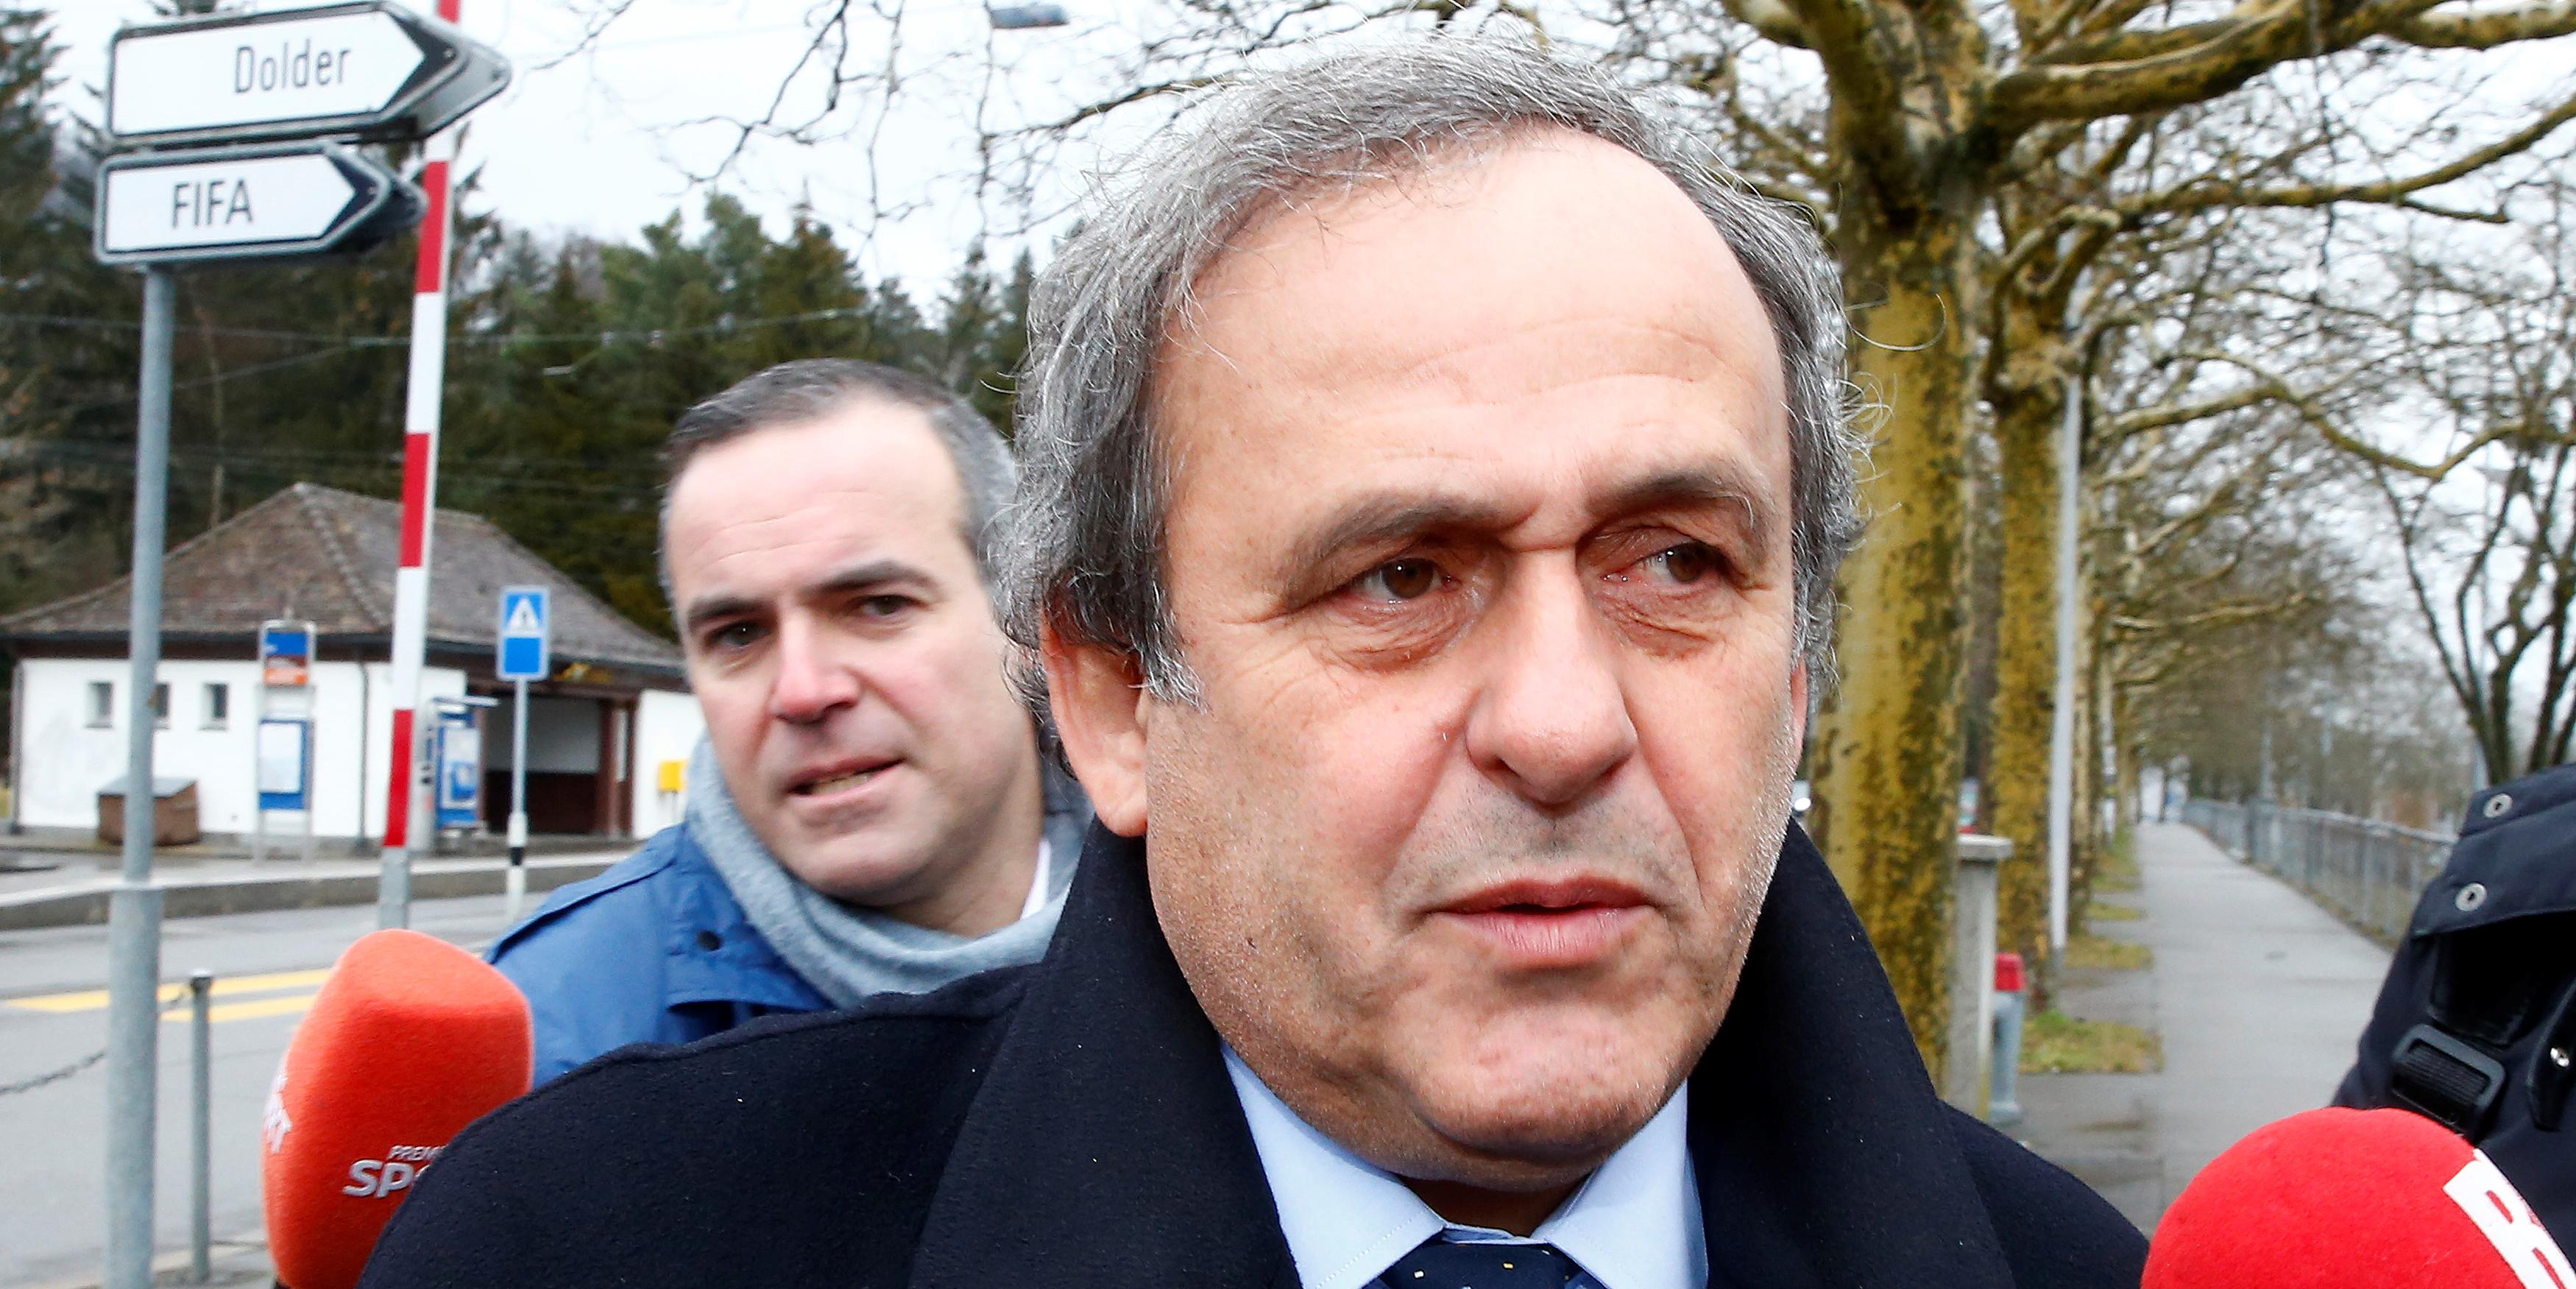 Mondial-2022 au Qatar : Michel Platini en garde à vue pour corruption